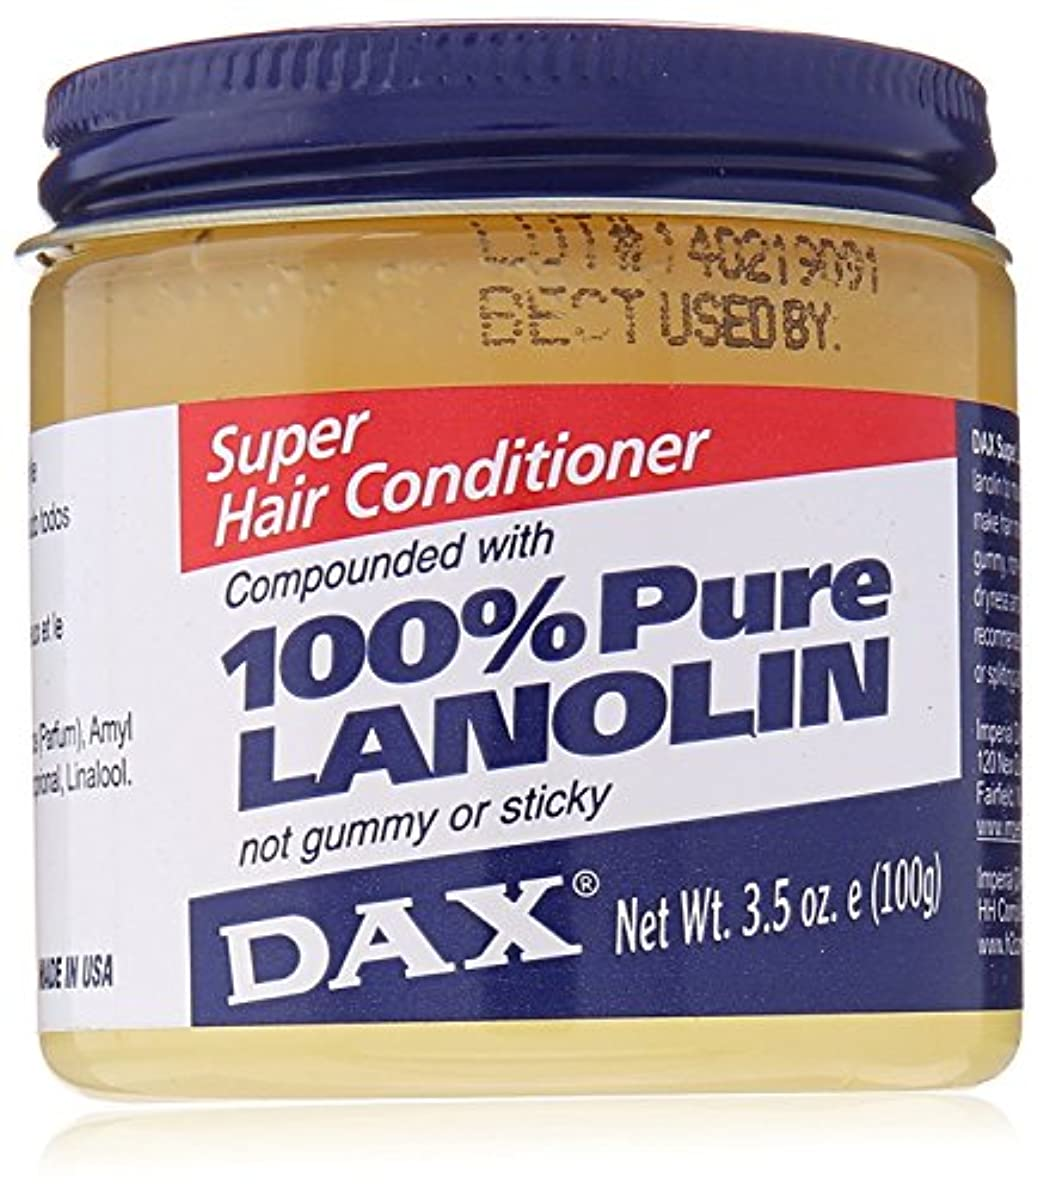 粗いビジネス超越するDAX スーパーラノリン、3.5オンス